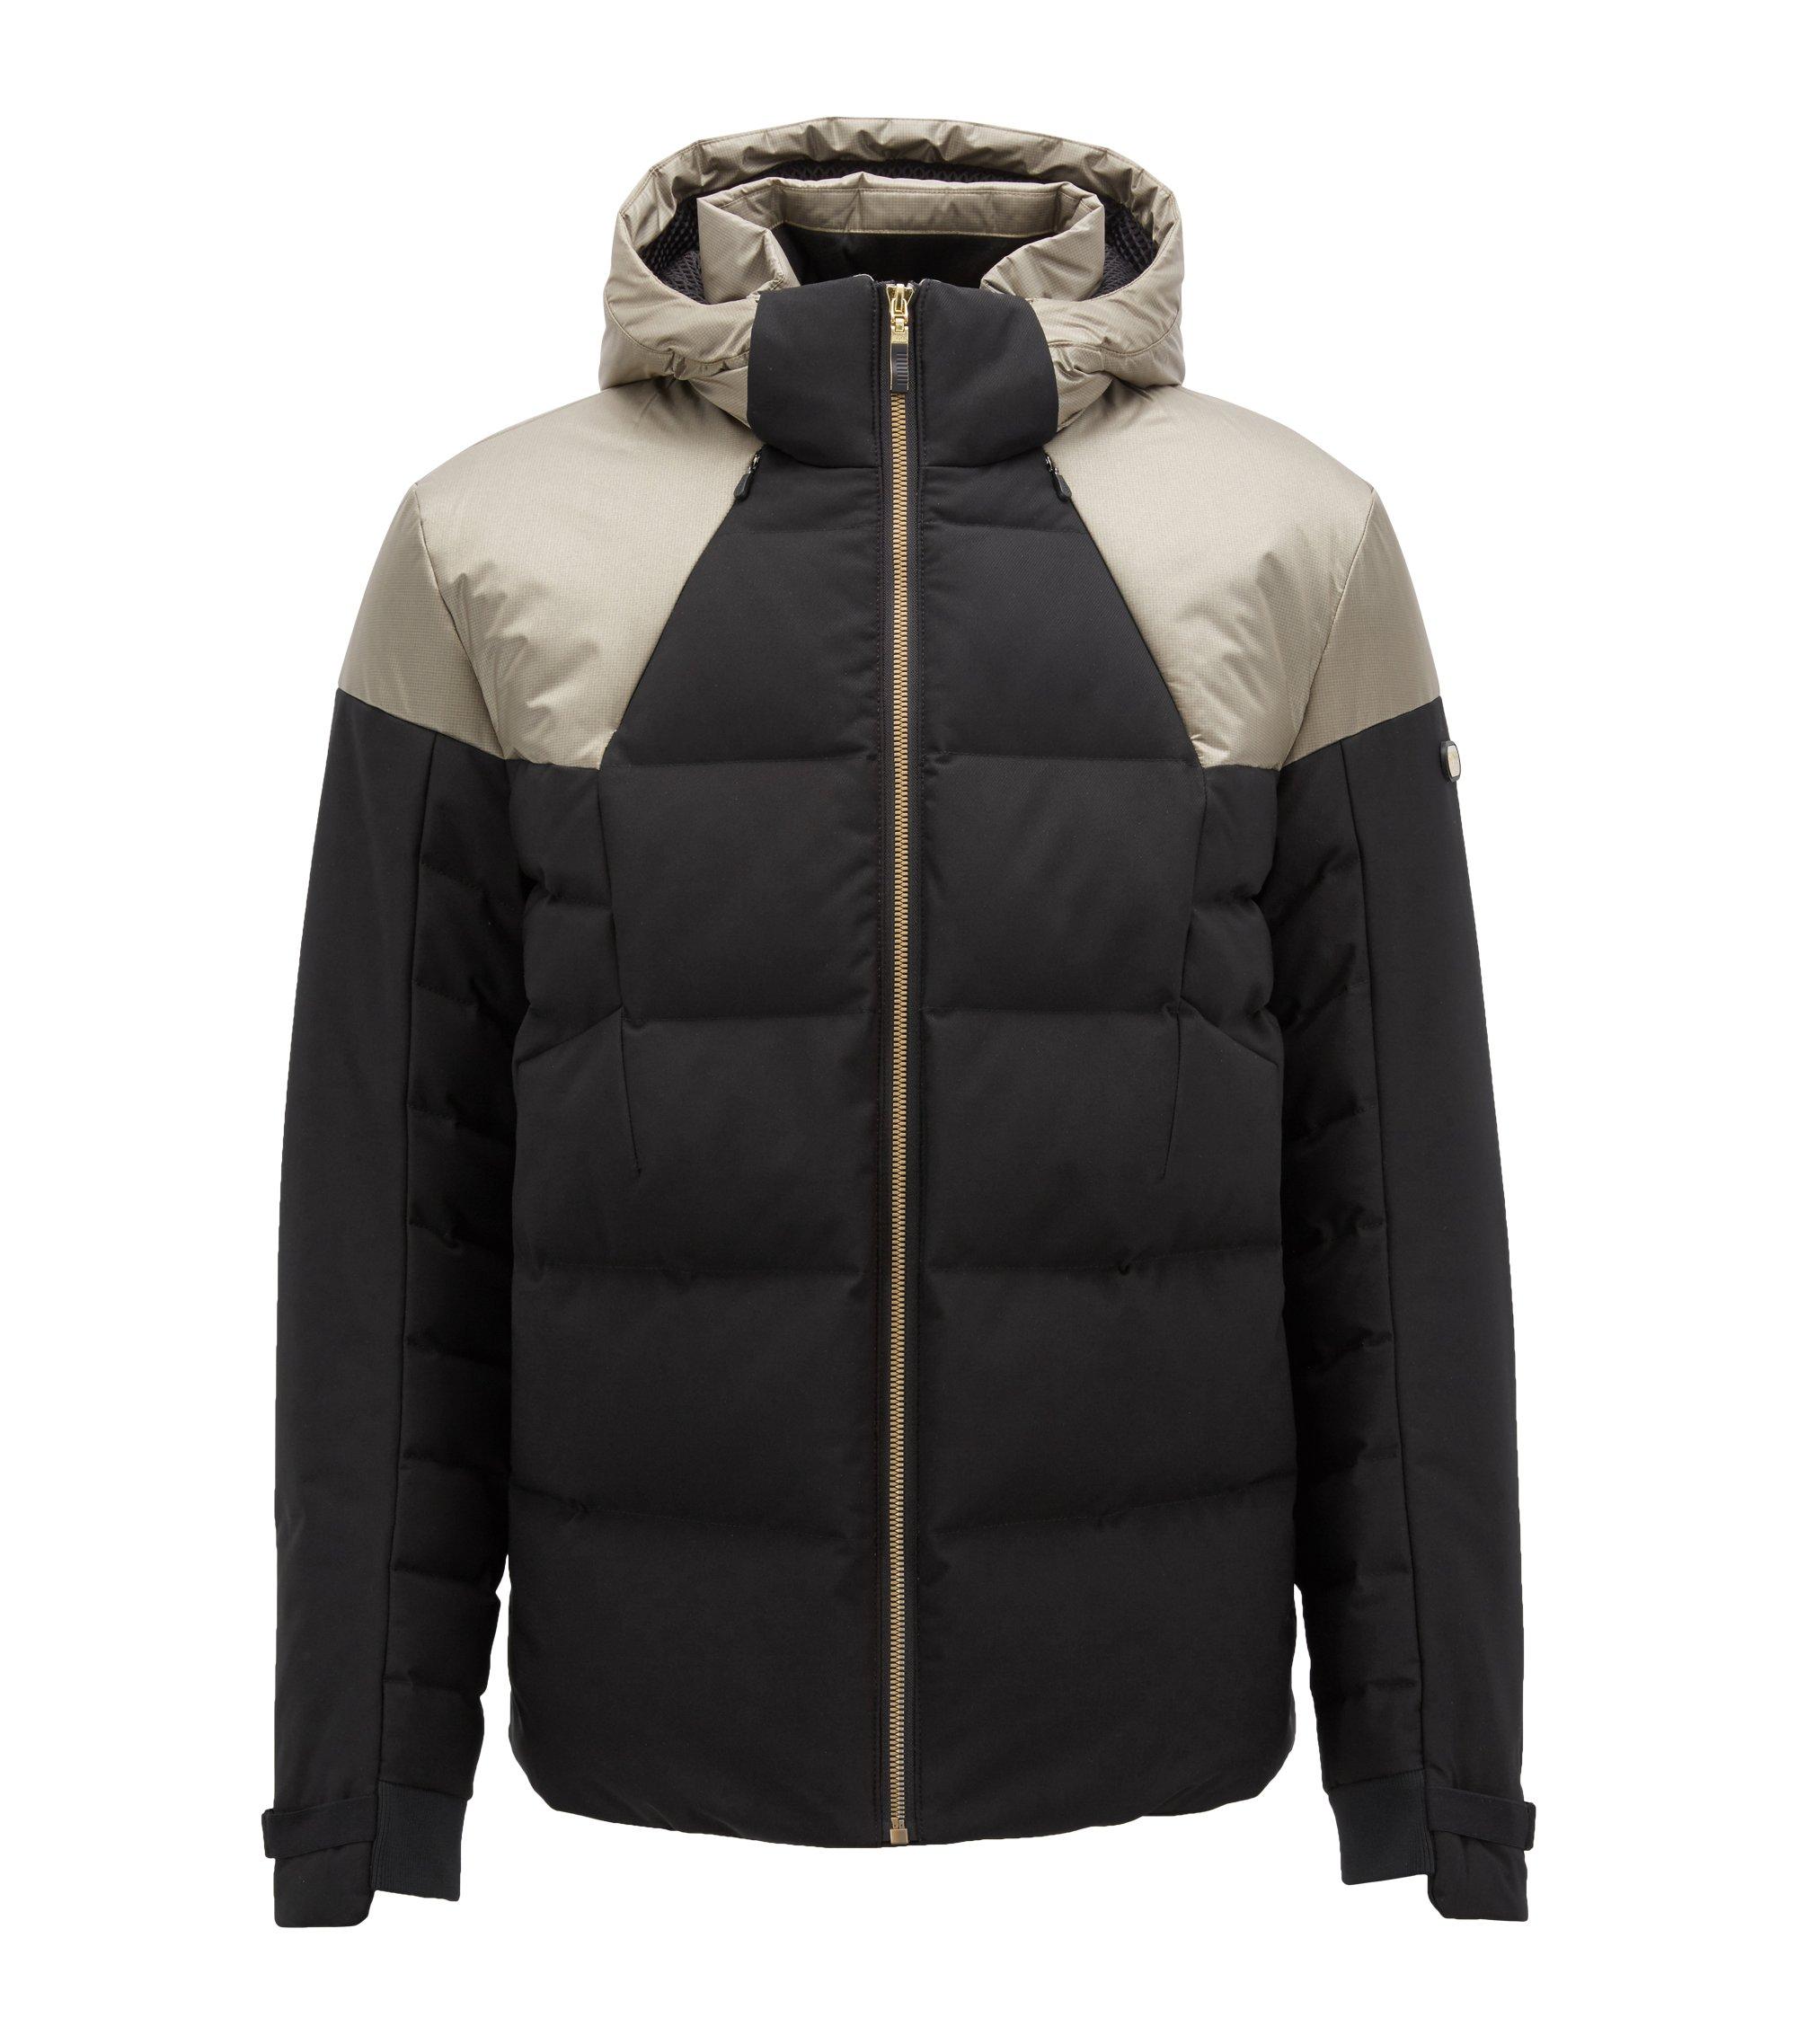 Waterafstotende jas met donsvulling en bescherming tegen elektromagnetische straling, Zwart